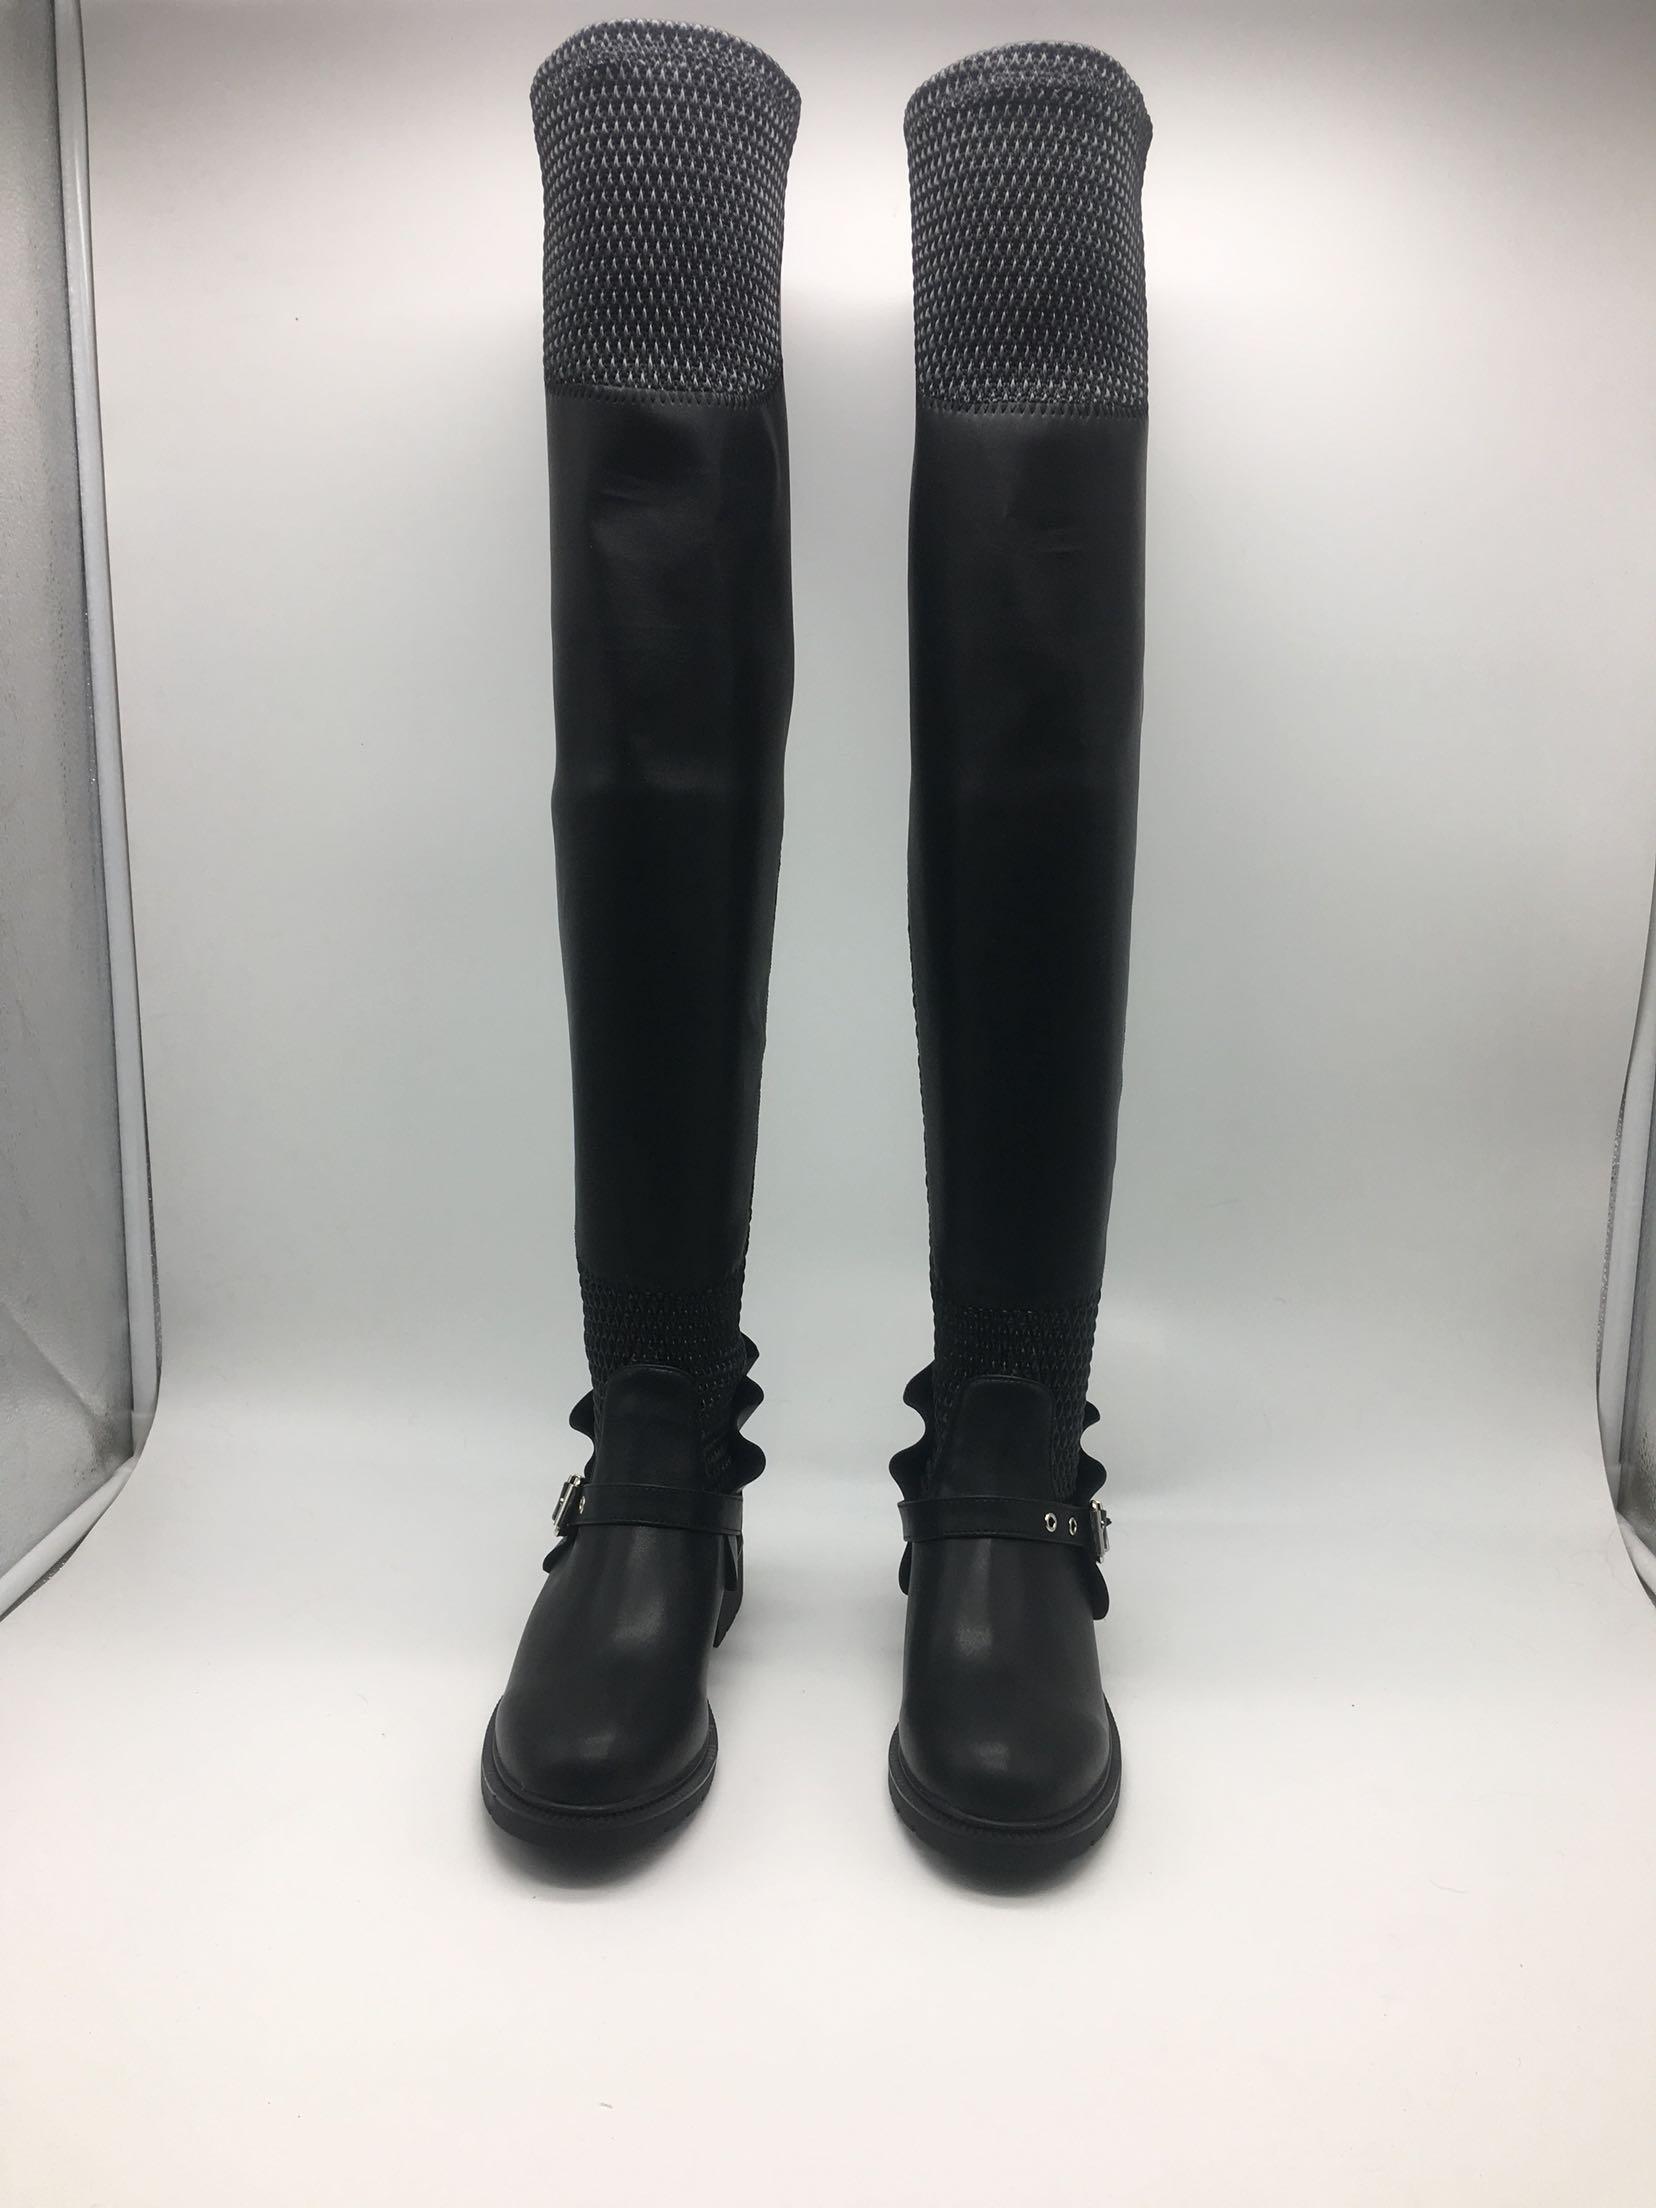 Sıcak Satış-Yuvarlak Düz Uzun Tüp Elastik Çizmeler Siyah Bayanlar Düz Topuk Ayakkabı Seksi Siyah Deri Uyluk Çizmeler Yüksek Çizmeler Bayan Düz Patik